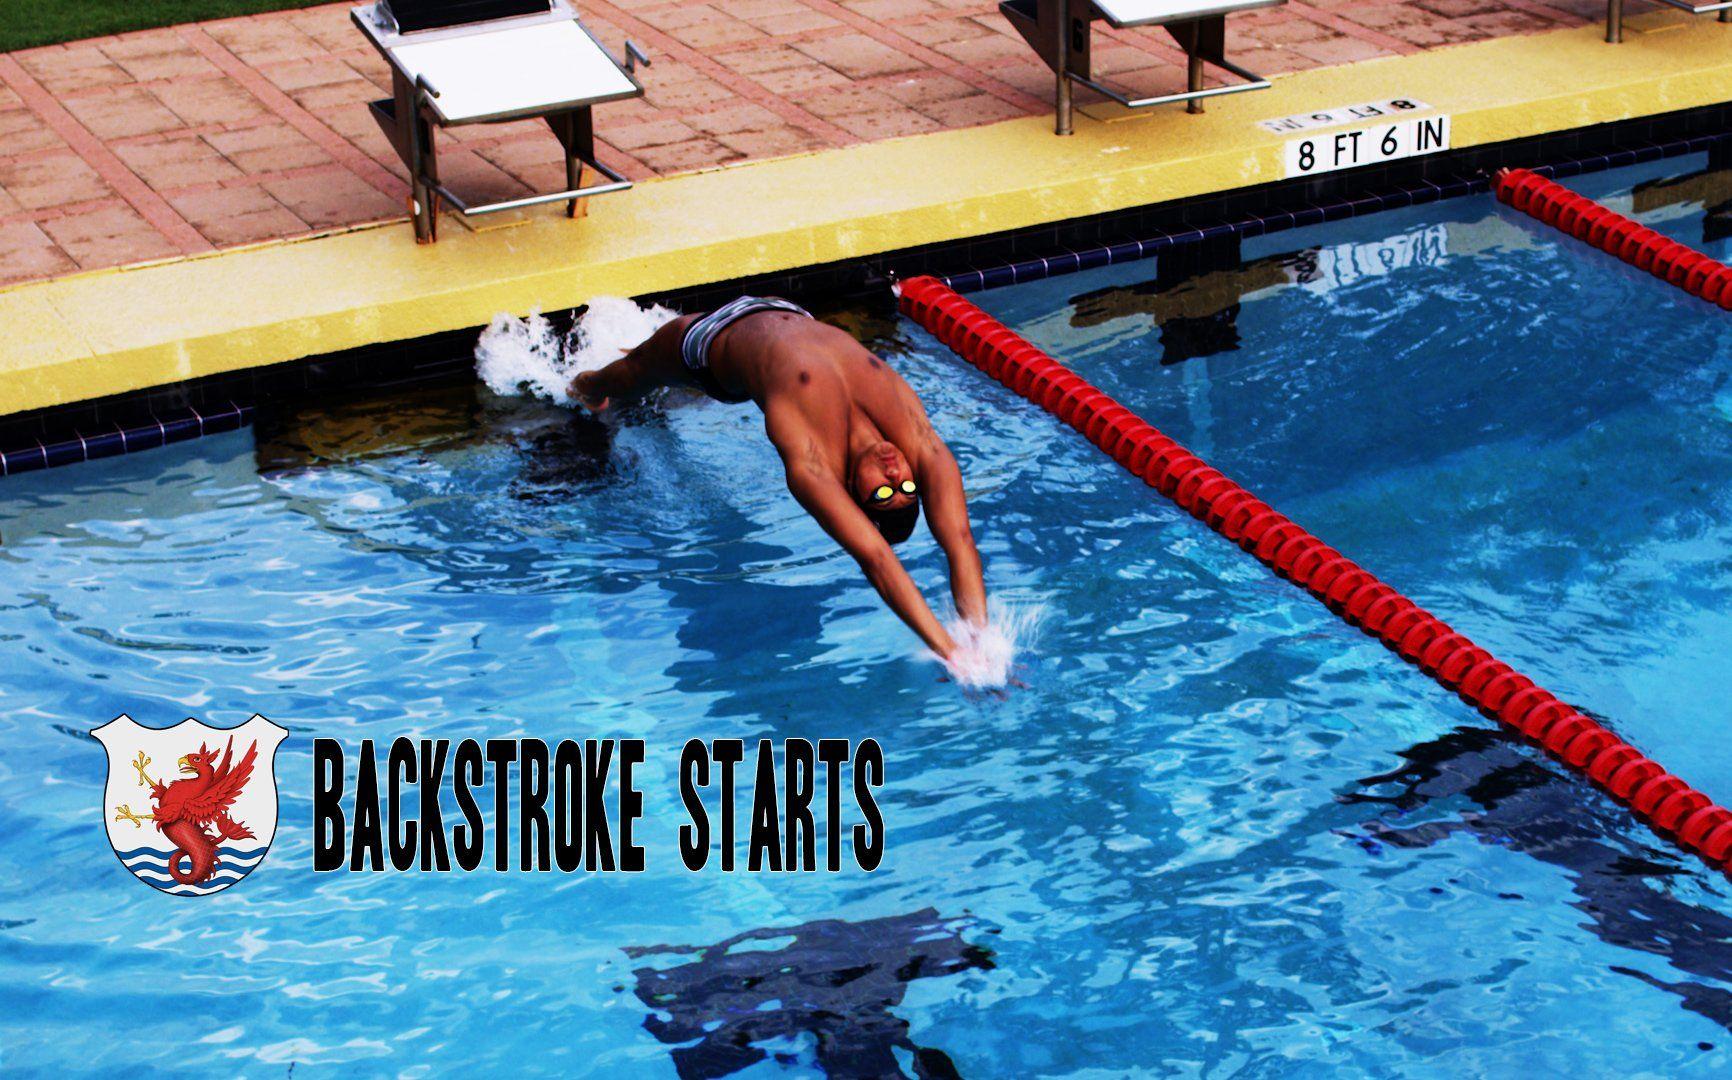 Swimisodes backstroke starts nuoto